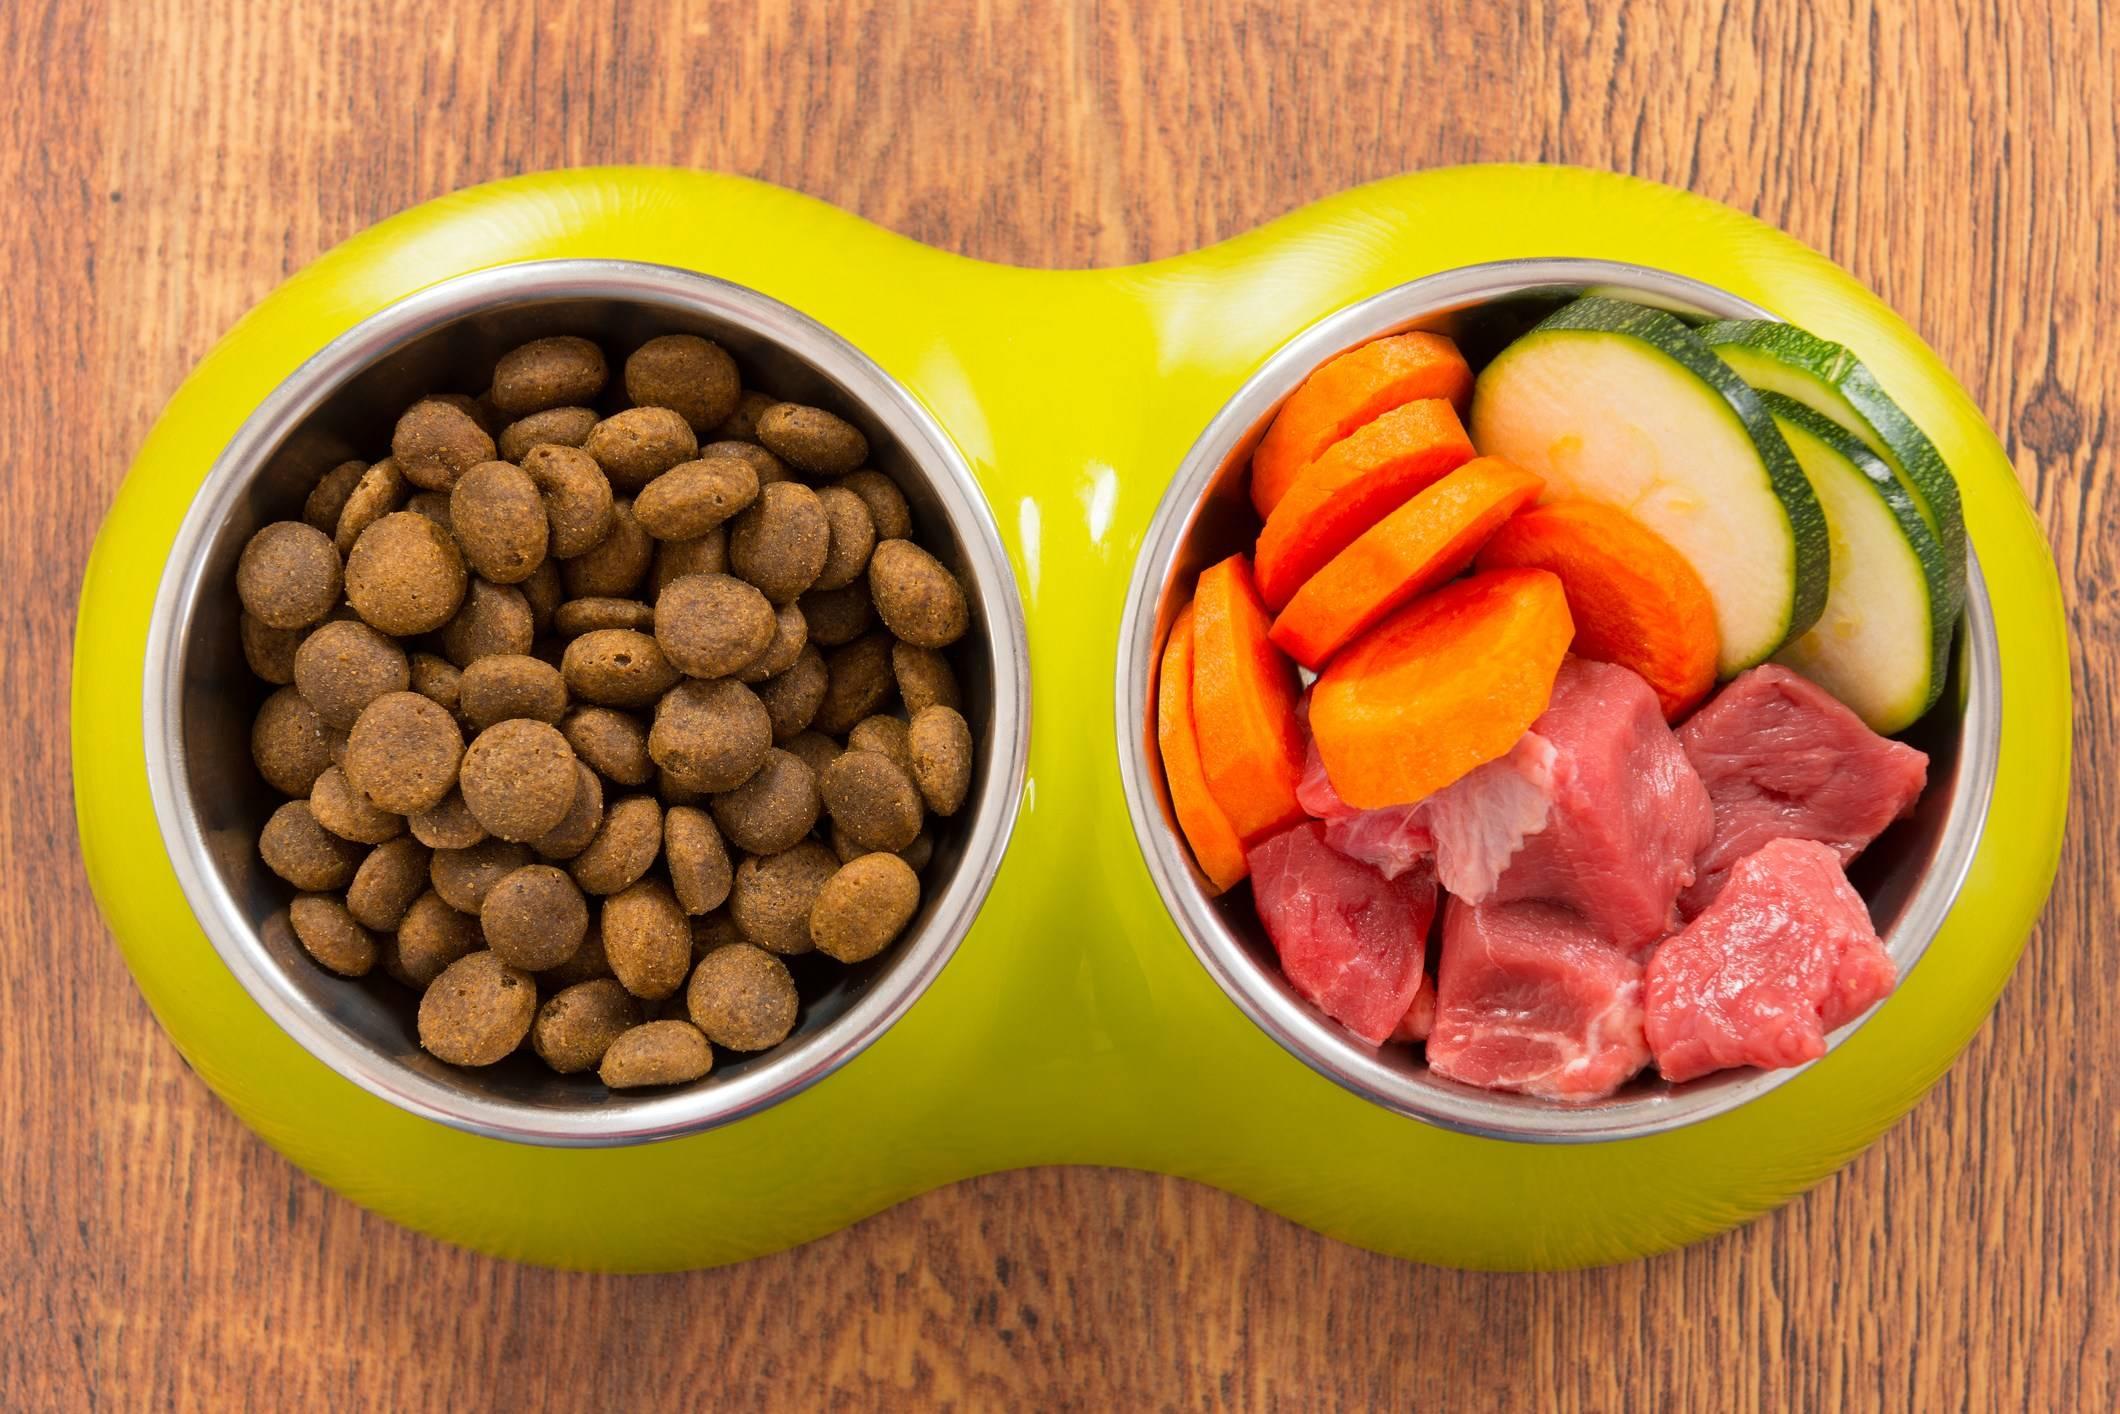 Чем кормить йоркширского терьера (щенка с 1 месяца до года) в домашних условиях правильно, применяя сухой корм супер премиум класса или натуральную пищу